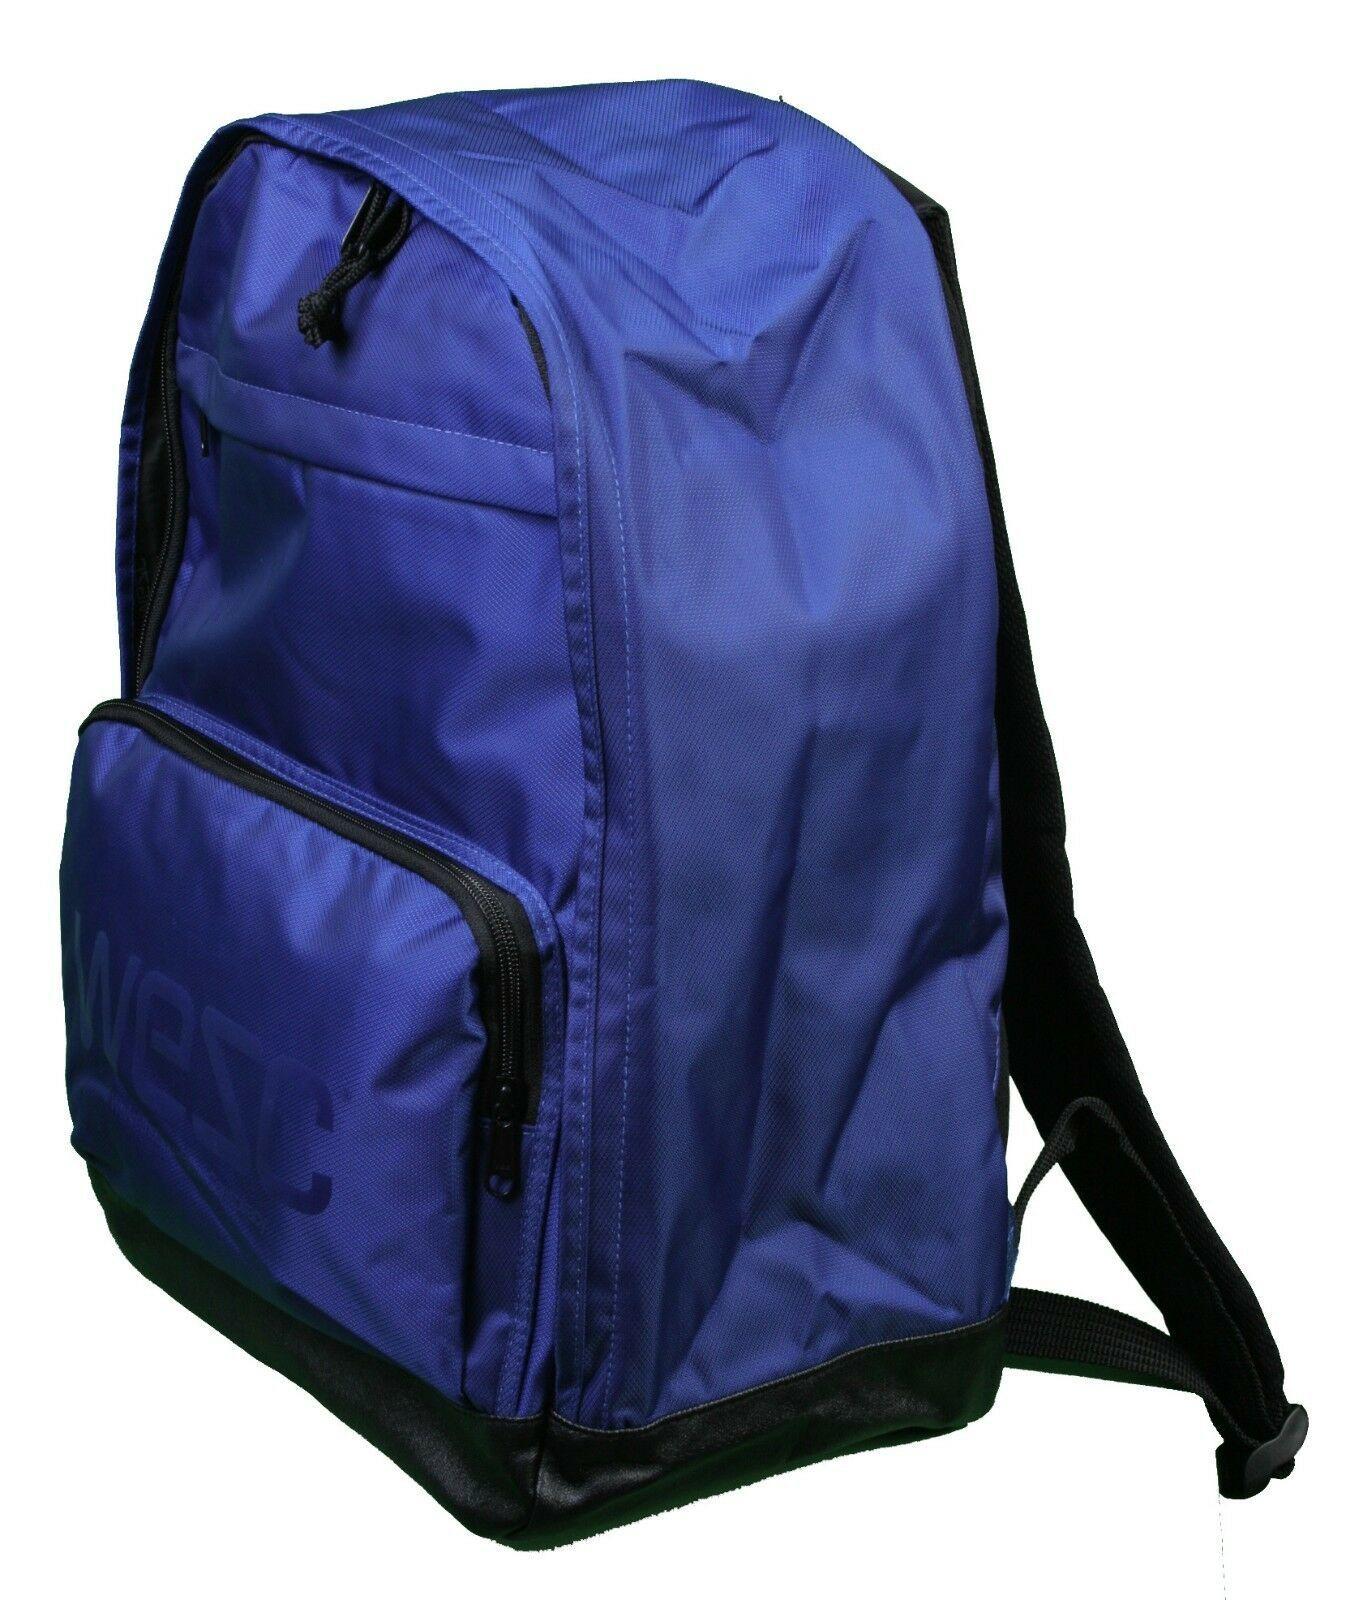 WeSC We Superlative Conspiracy Cullen Deep Ultramarine Blue Backpack School Bag